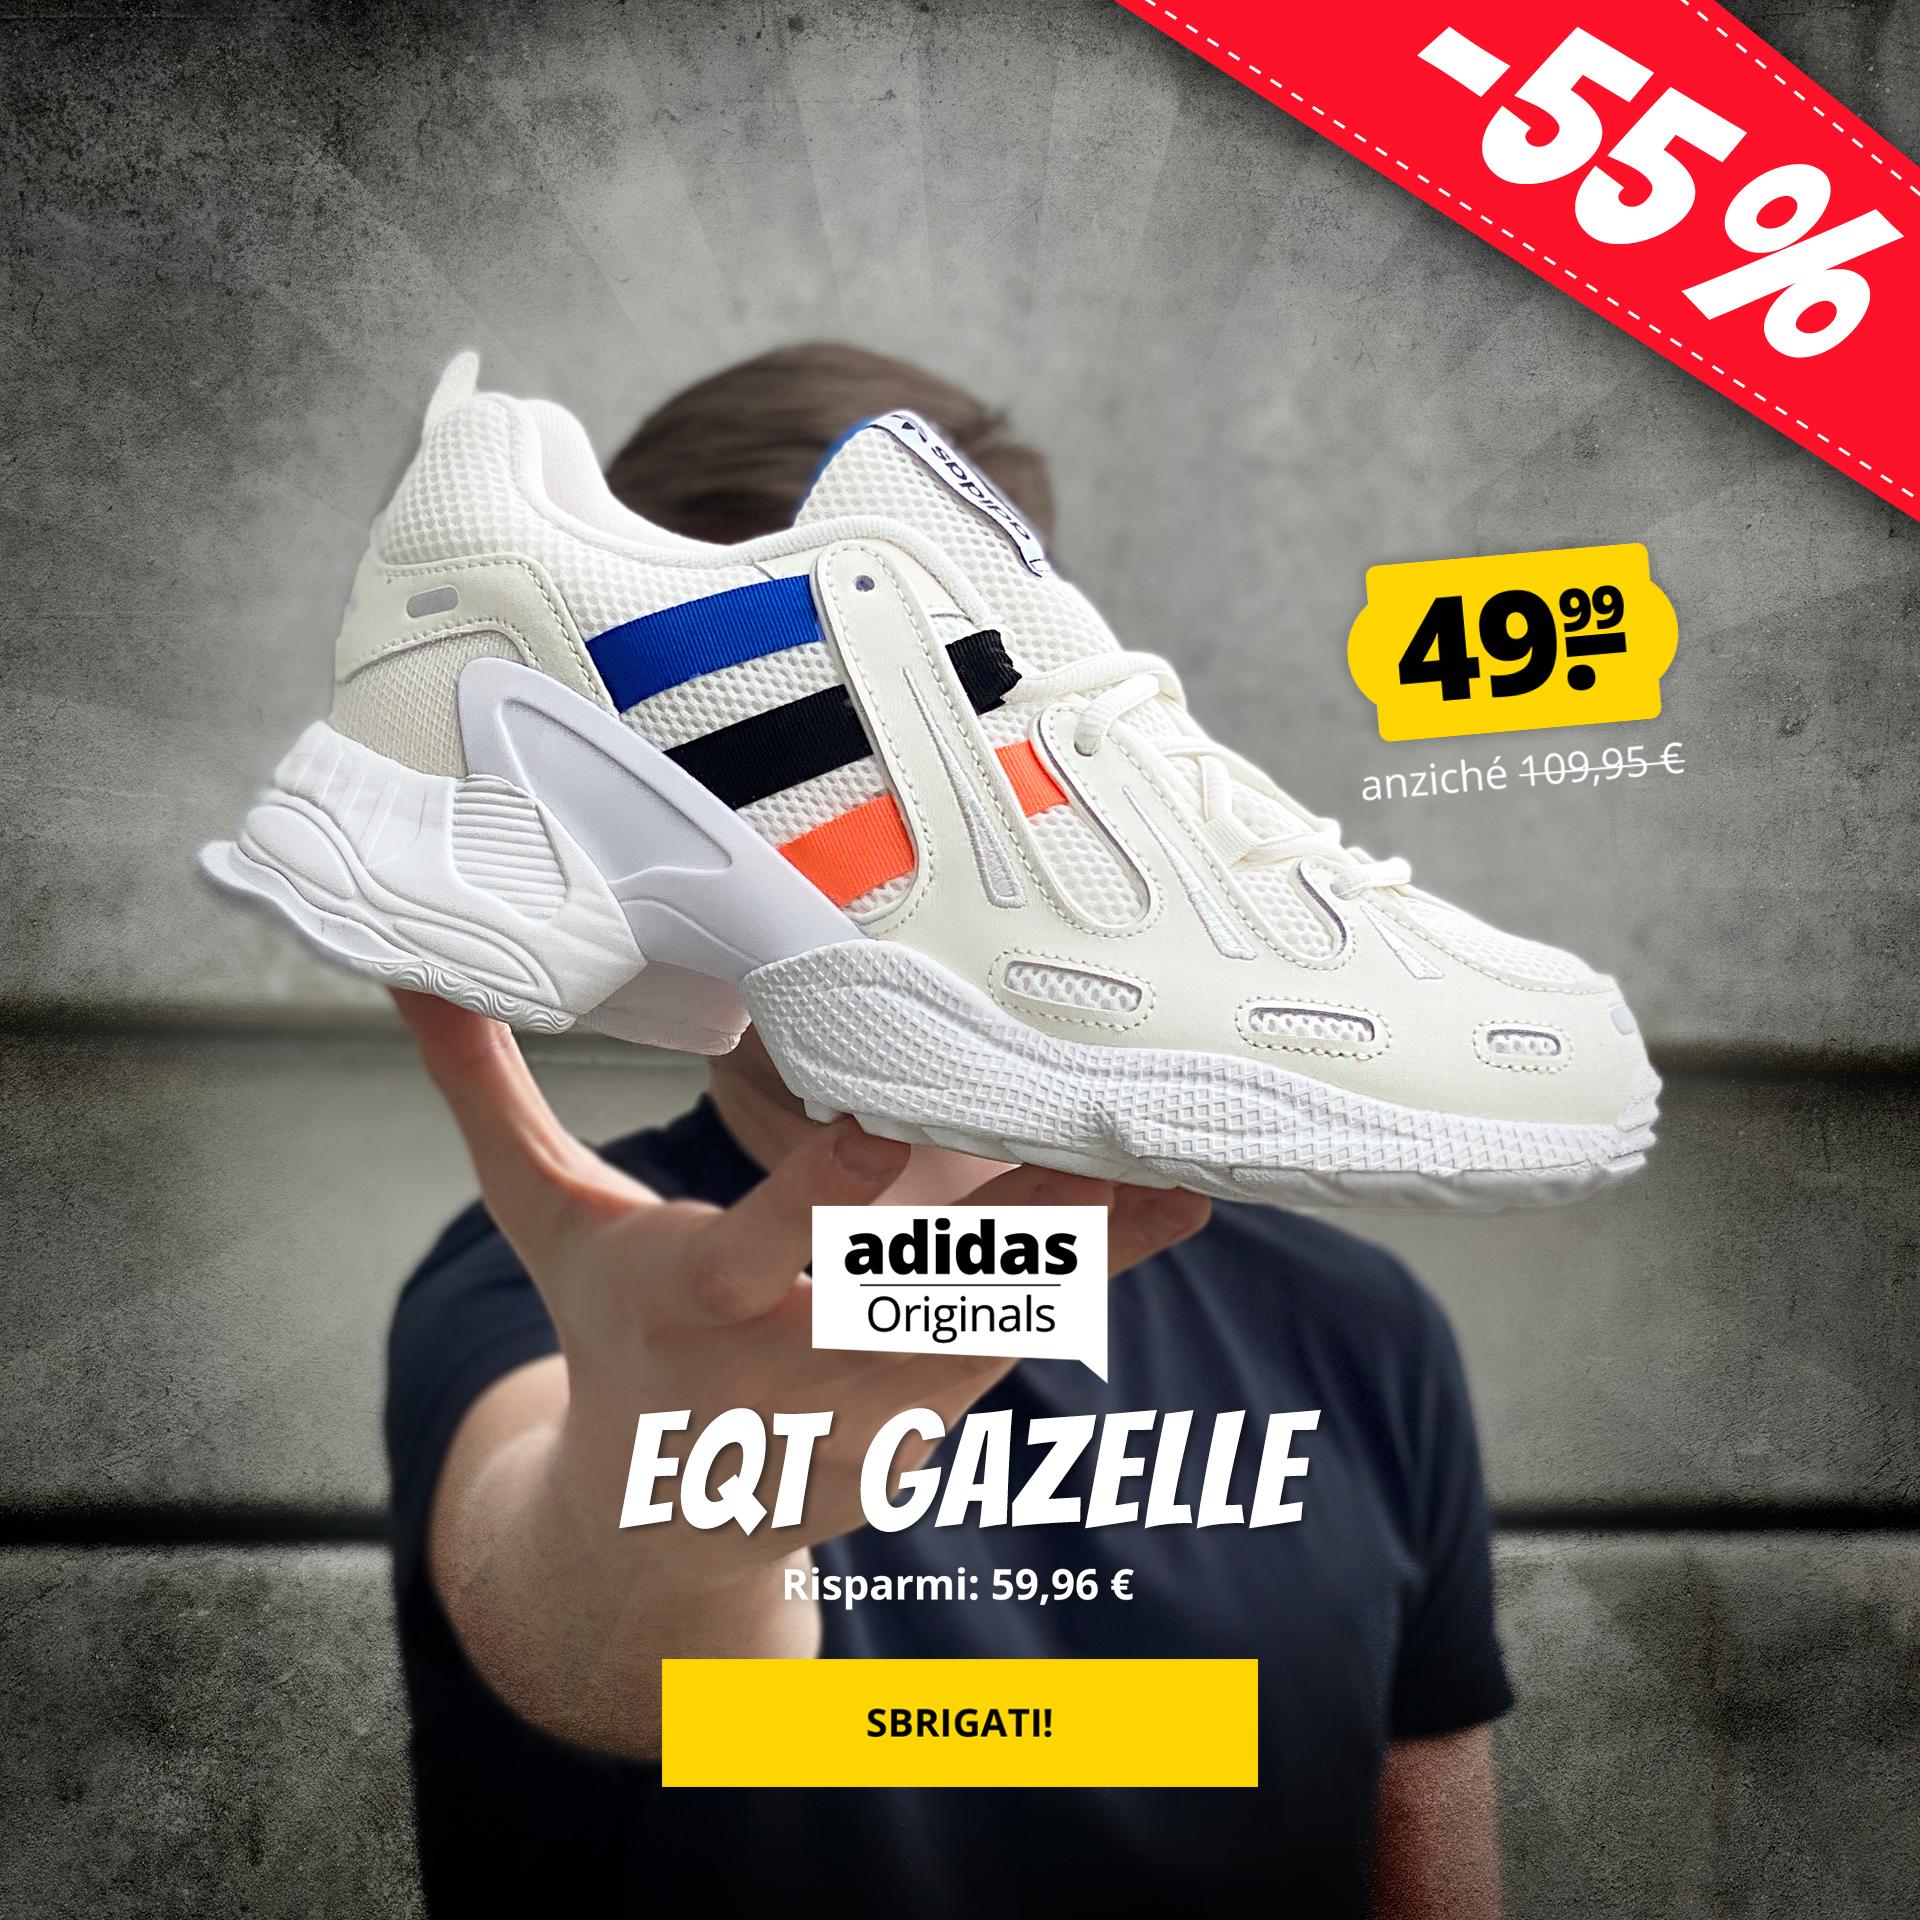 adidas Originals EQT Gazelle solo 49,99 €